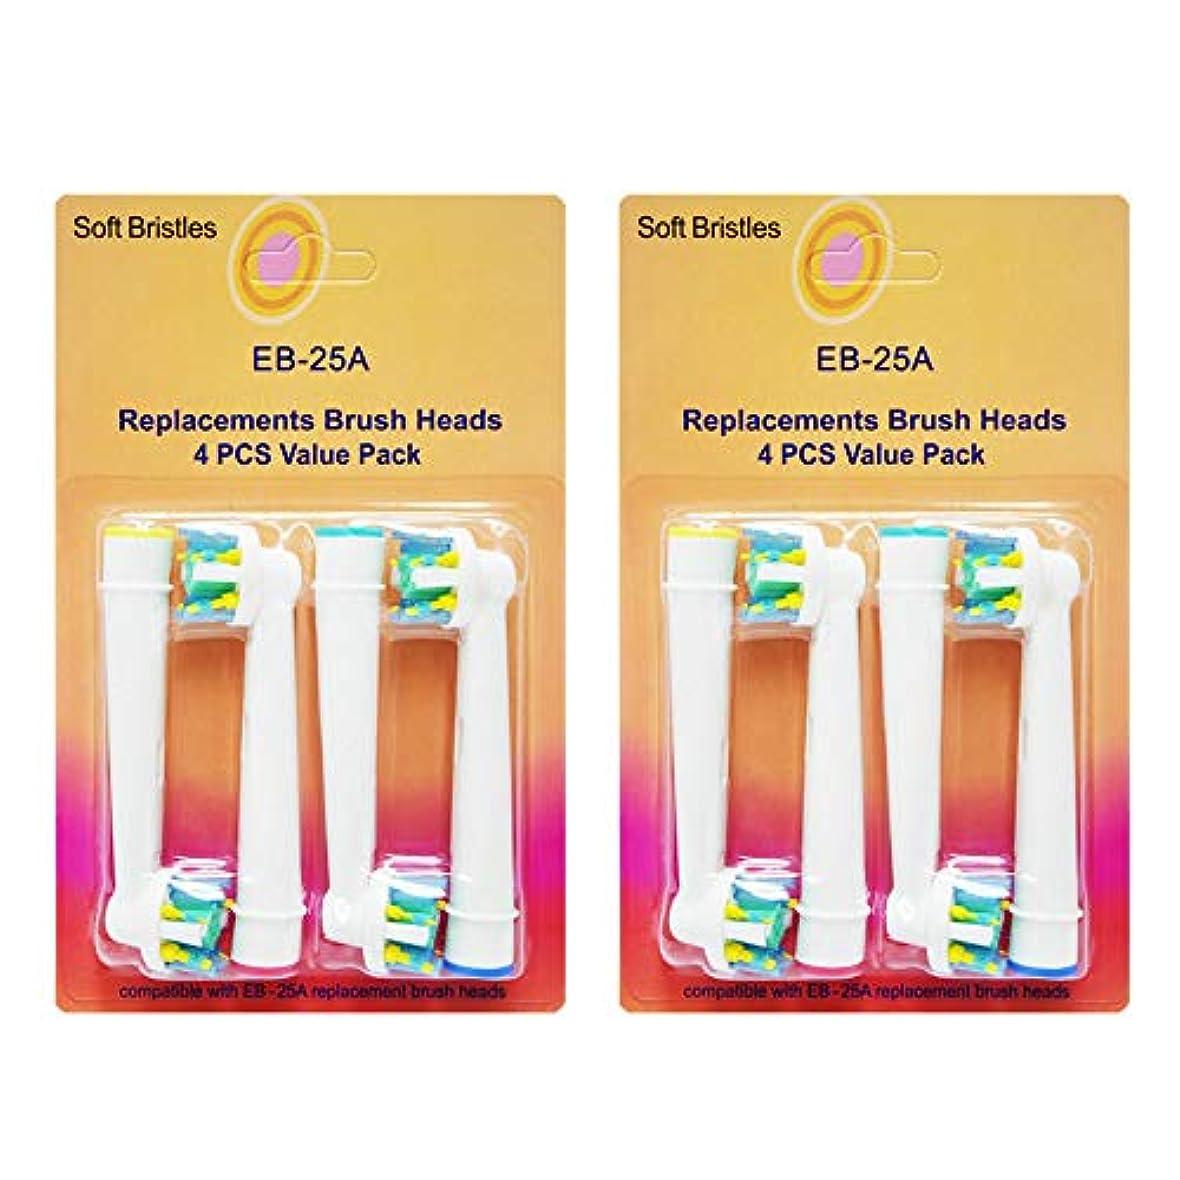 ブラウン BRAUN オーラルB 対応 歯間ワイパー付ブラシ 互換 ブラシ 相当品 歯ブラシ 互換ブラシ (2セット合計8本(4本1セット×2)) アーモロート(amaurot) EB25 EB-25 eb25 eb-25